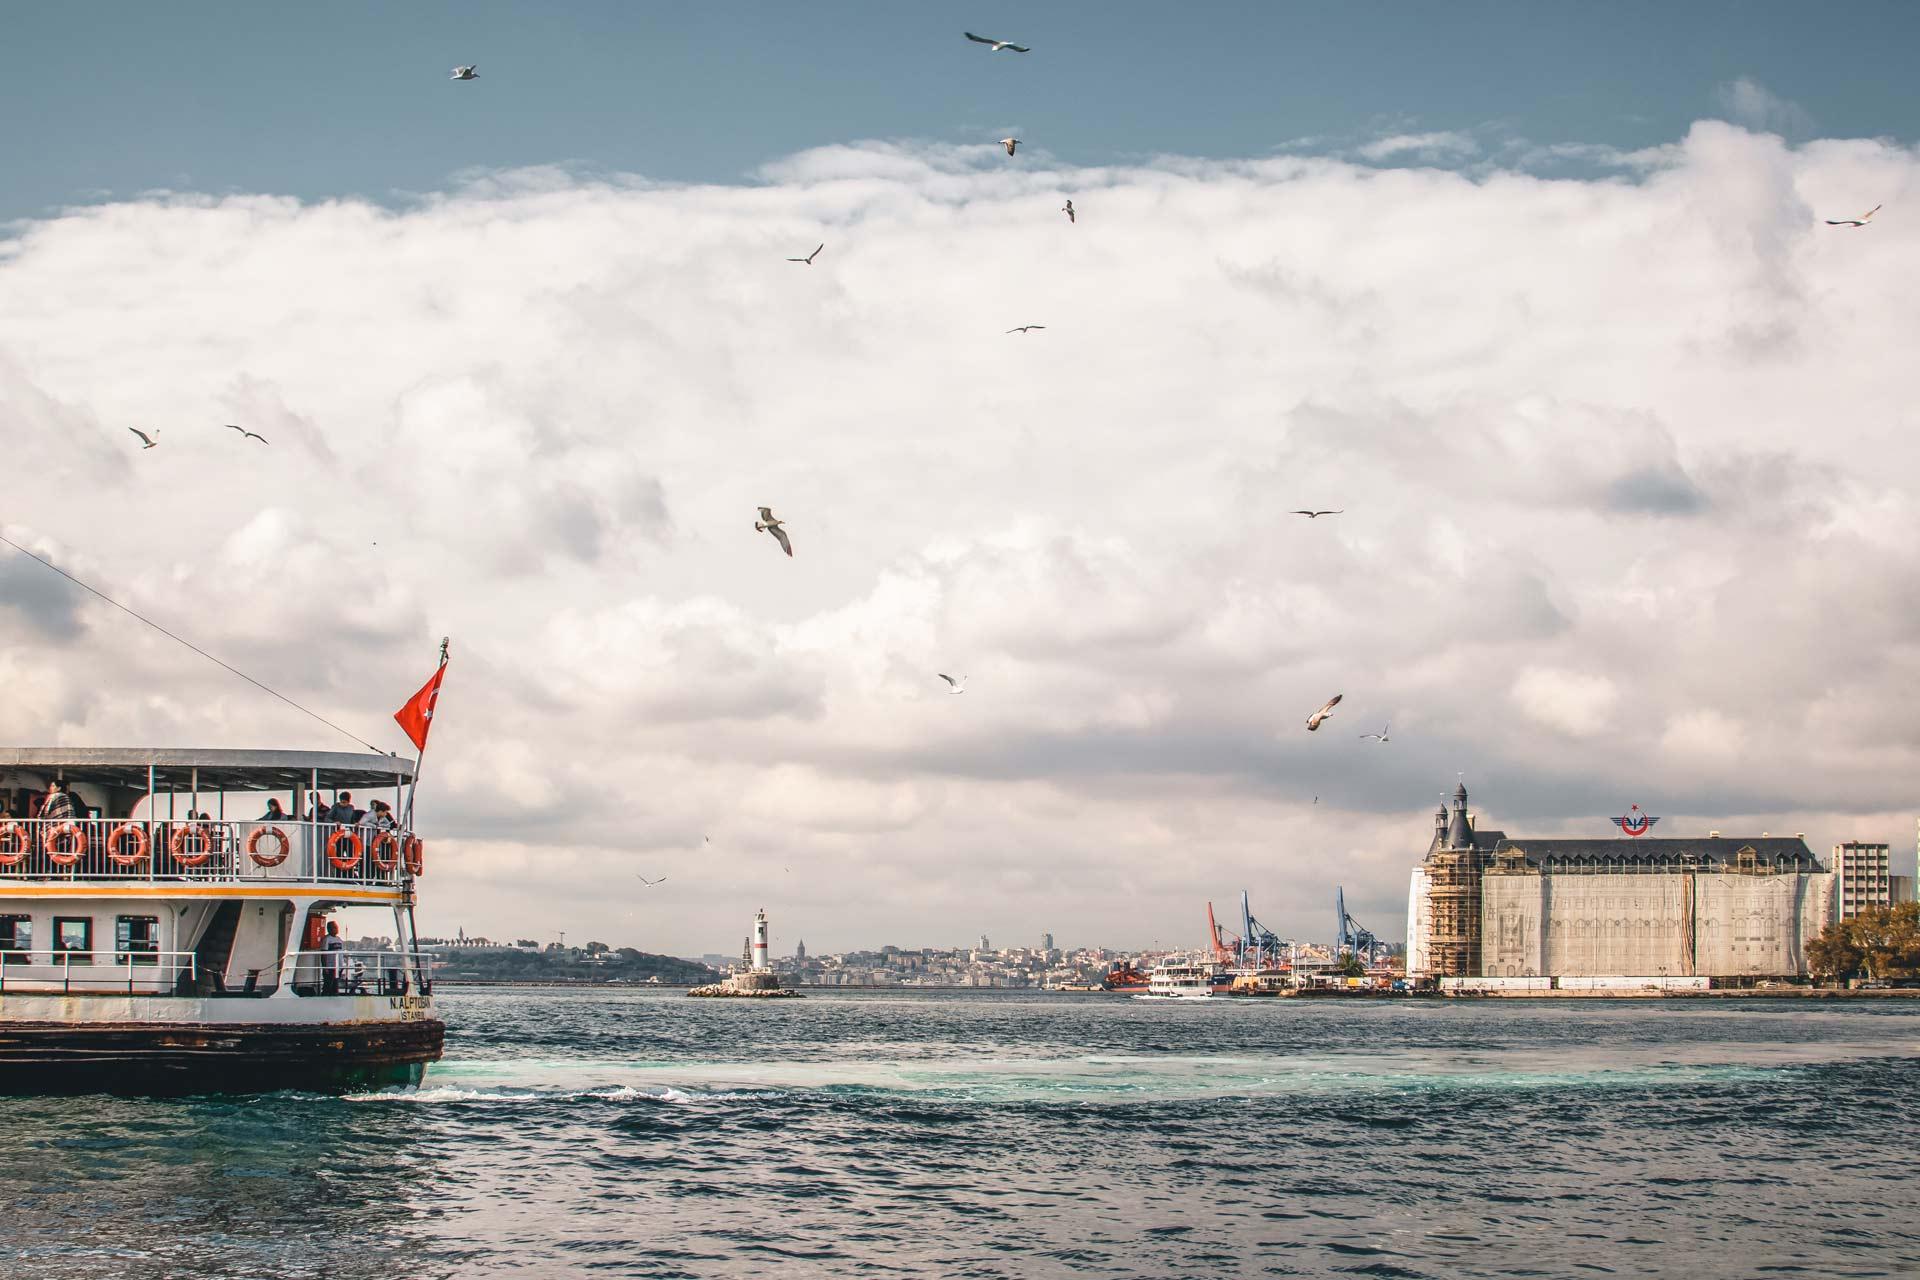 Bulut İstanbul Fotoğrafları Çekergezer Hakan Aydın Fotoğrafları www.cekergezer.com